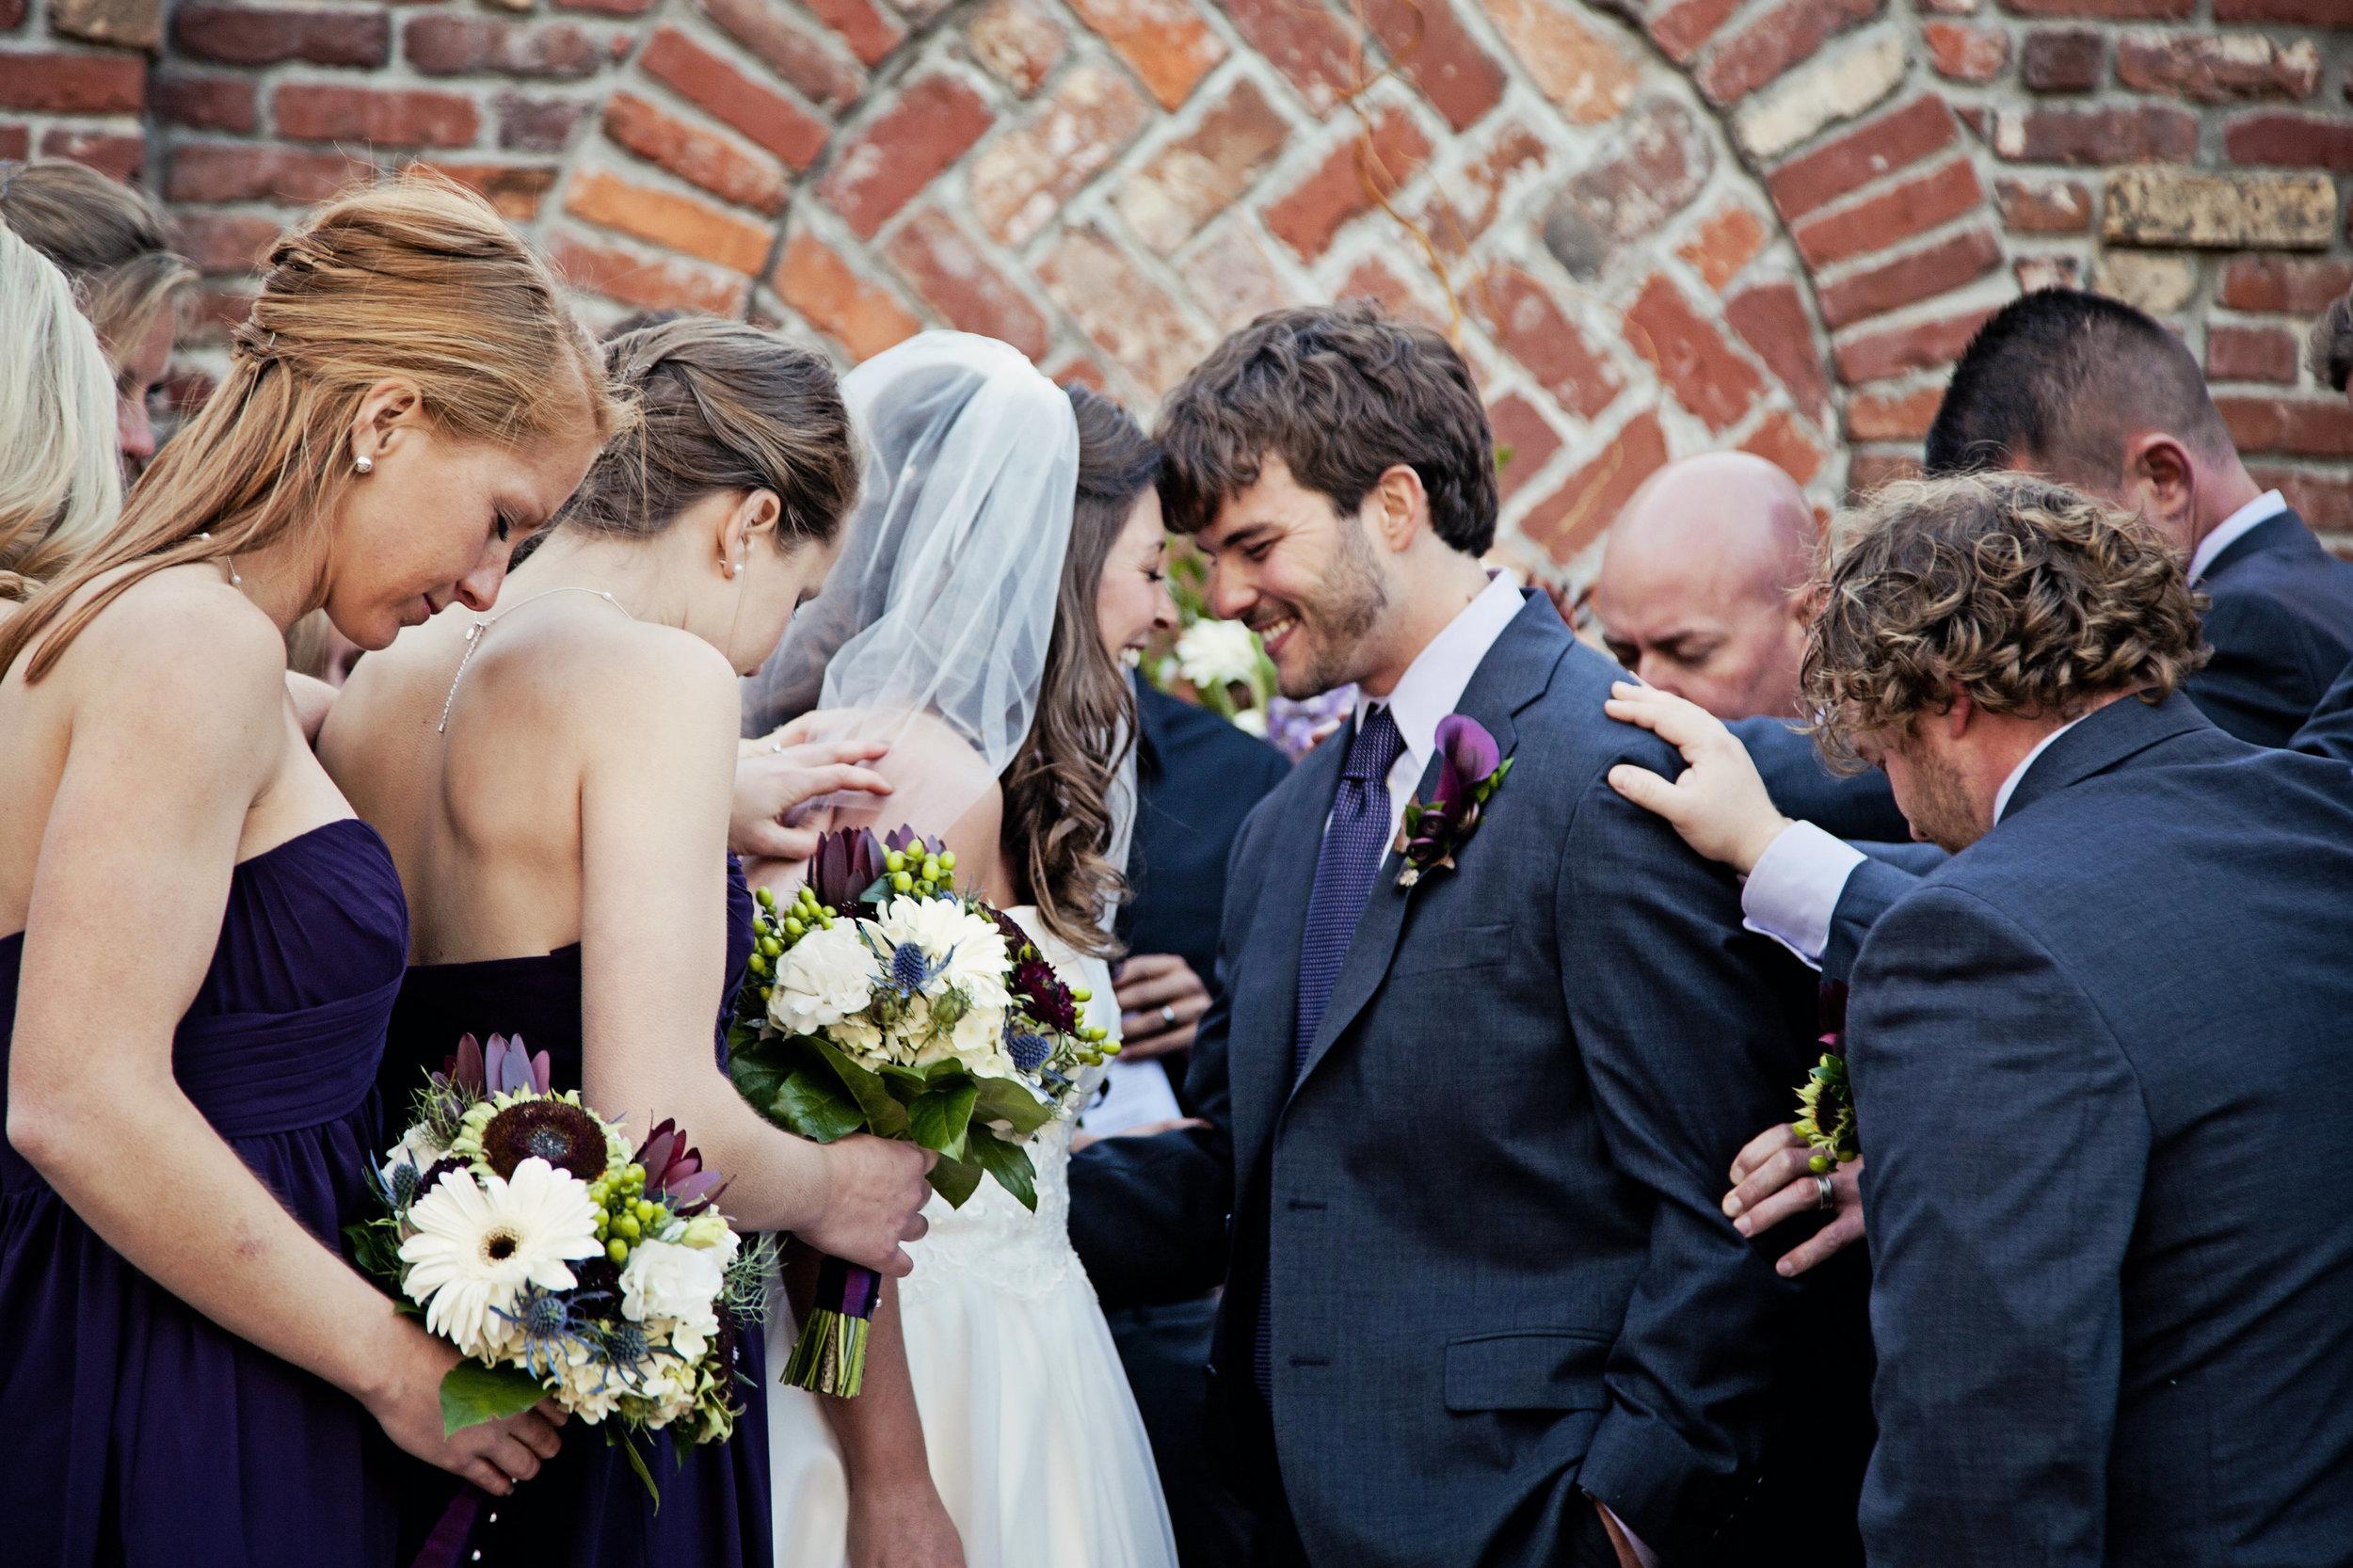 al-wedding.jpg